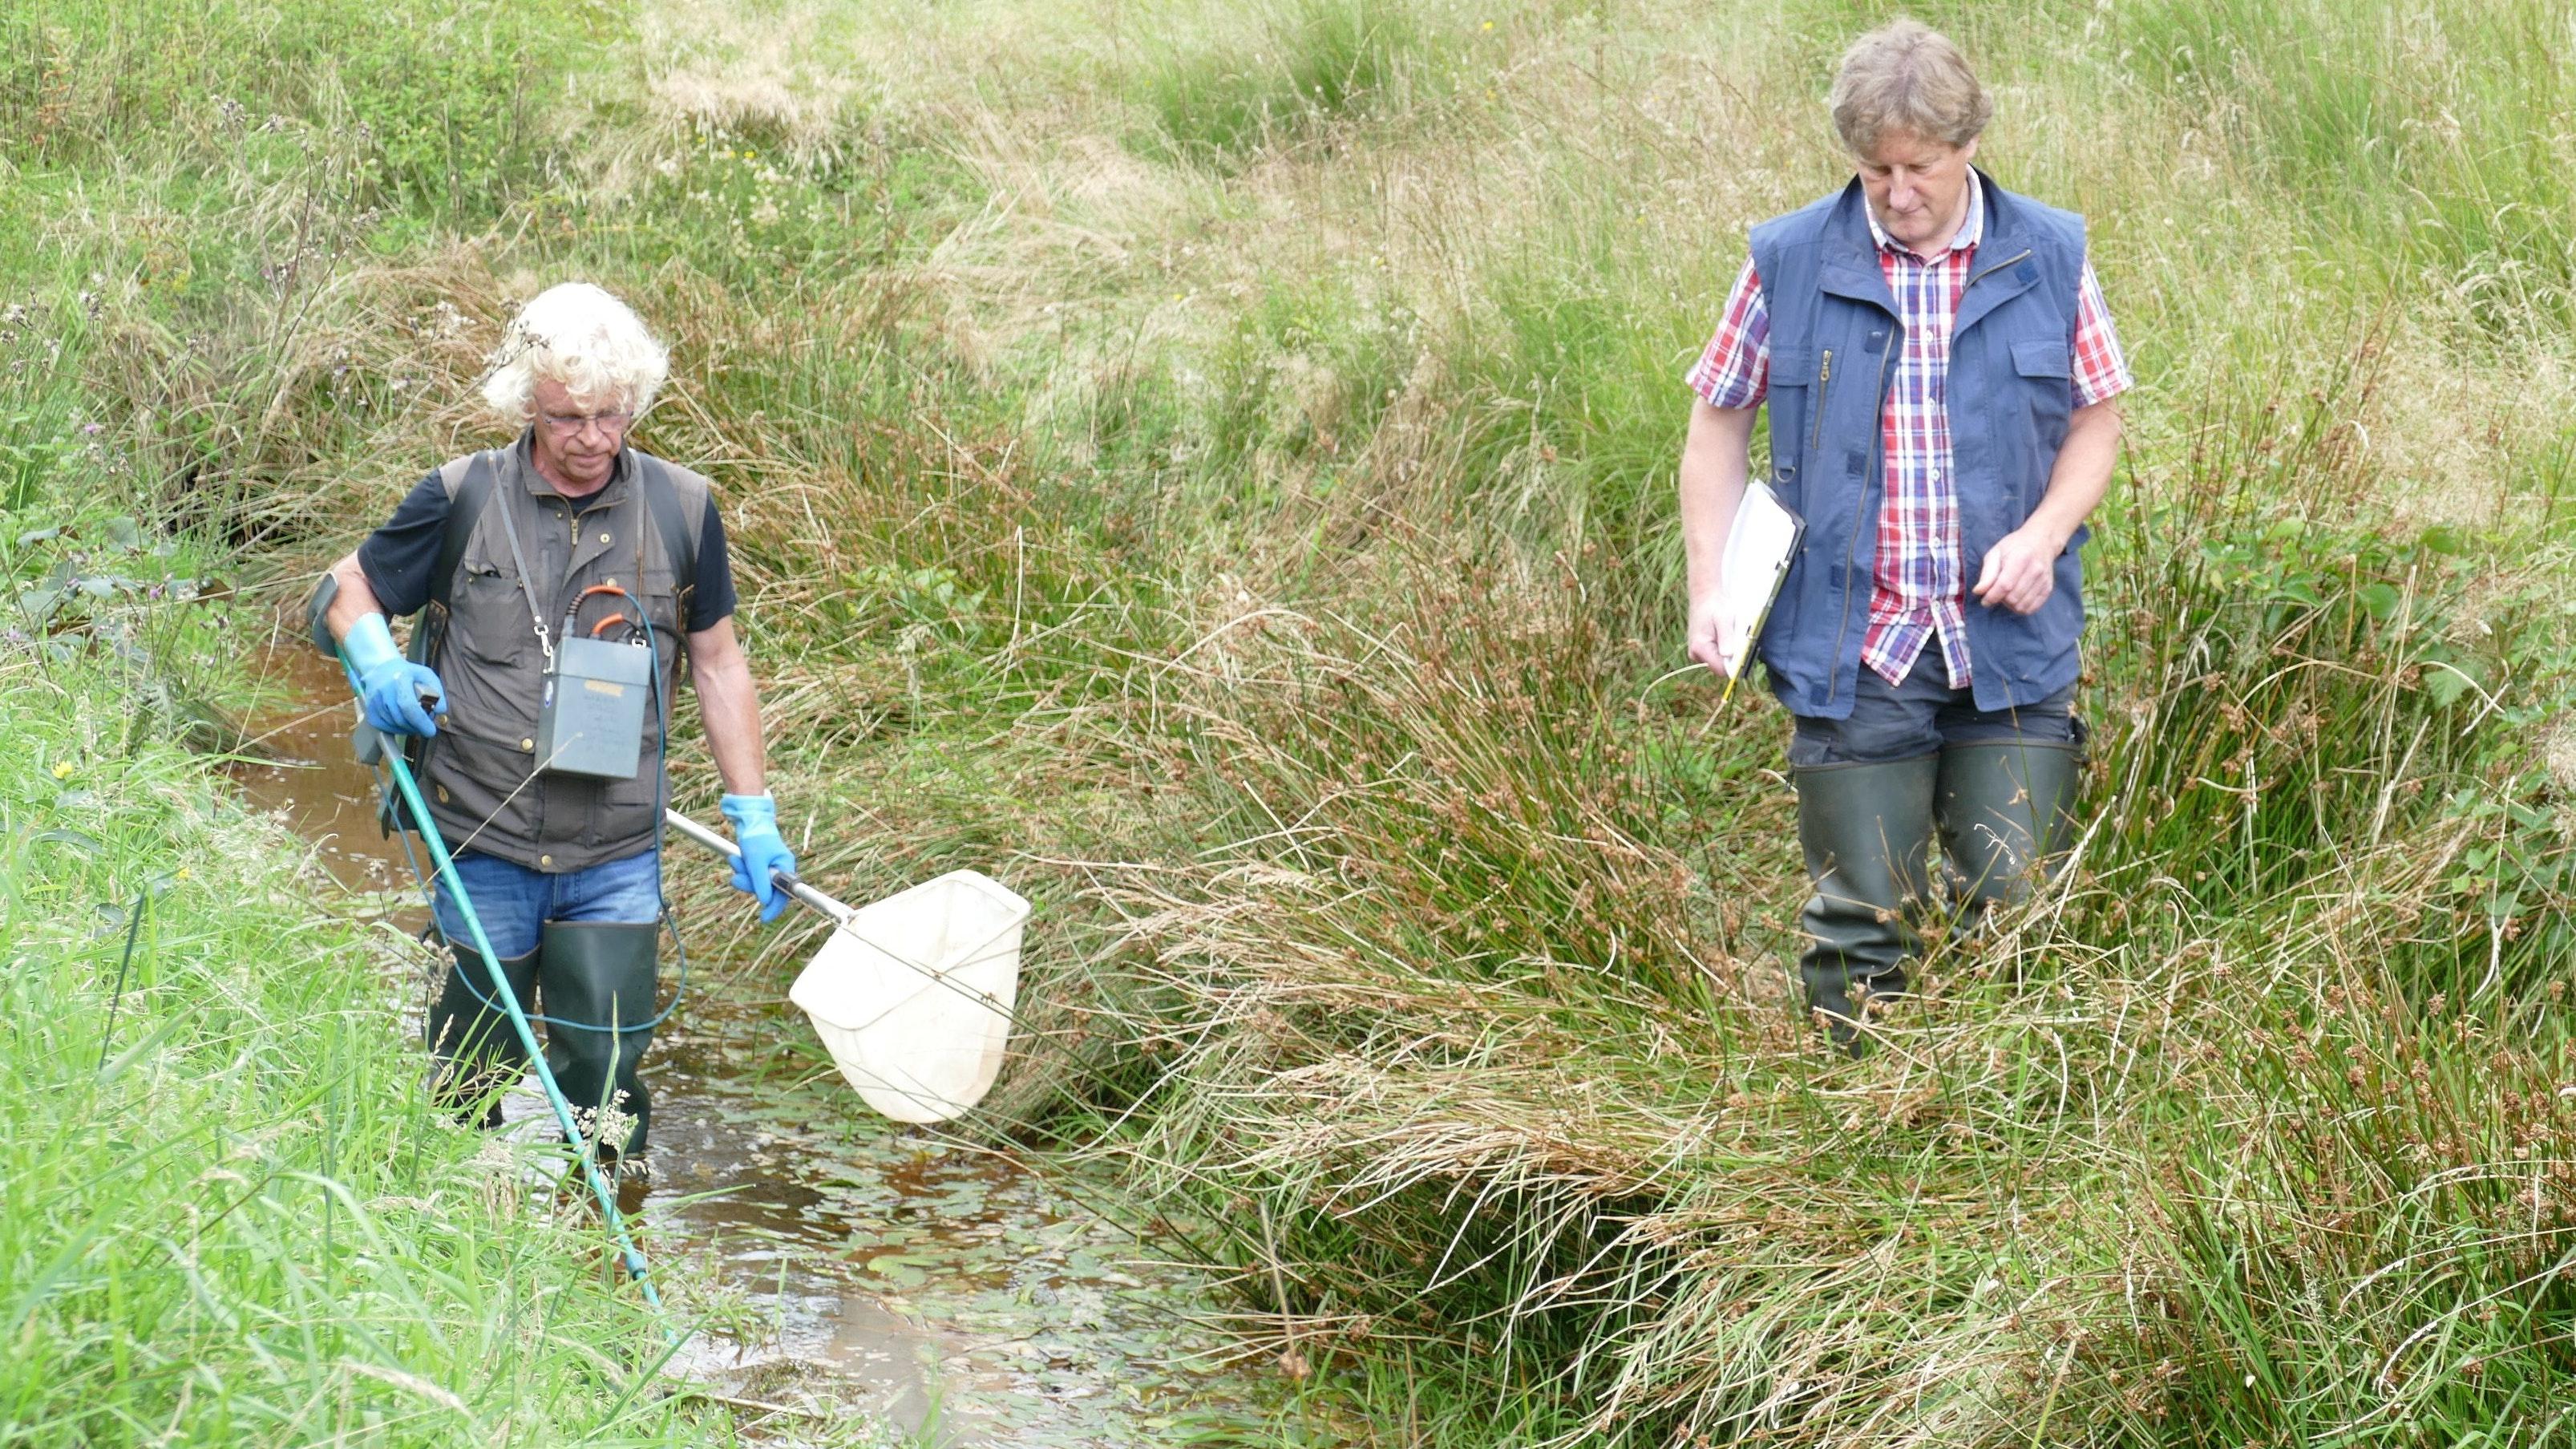 Auf Fischfang: Wolfgang Rötker (links) und Mathias Wennemann untersuchen Wasserqualität, Flora und Fauna des Grabens am Direktor-Sperl-Weg. Hier will die Wasseracht ein kleines variables Sperrwerk einrichten. Foto: Stix